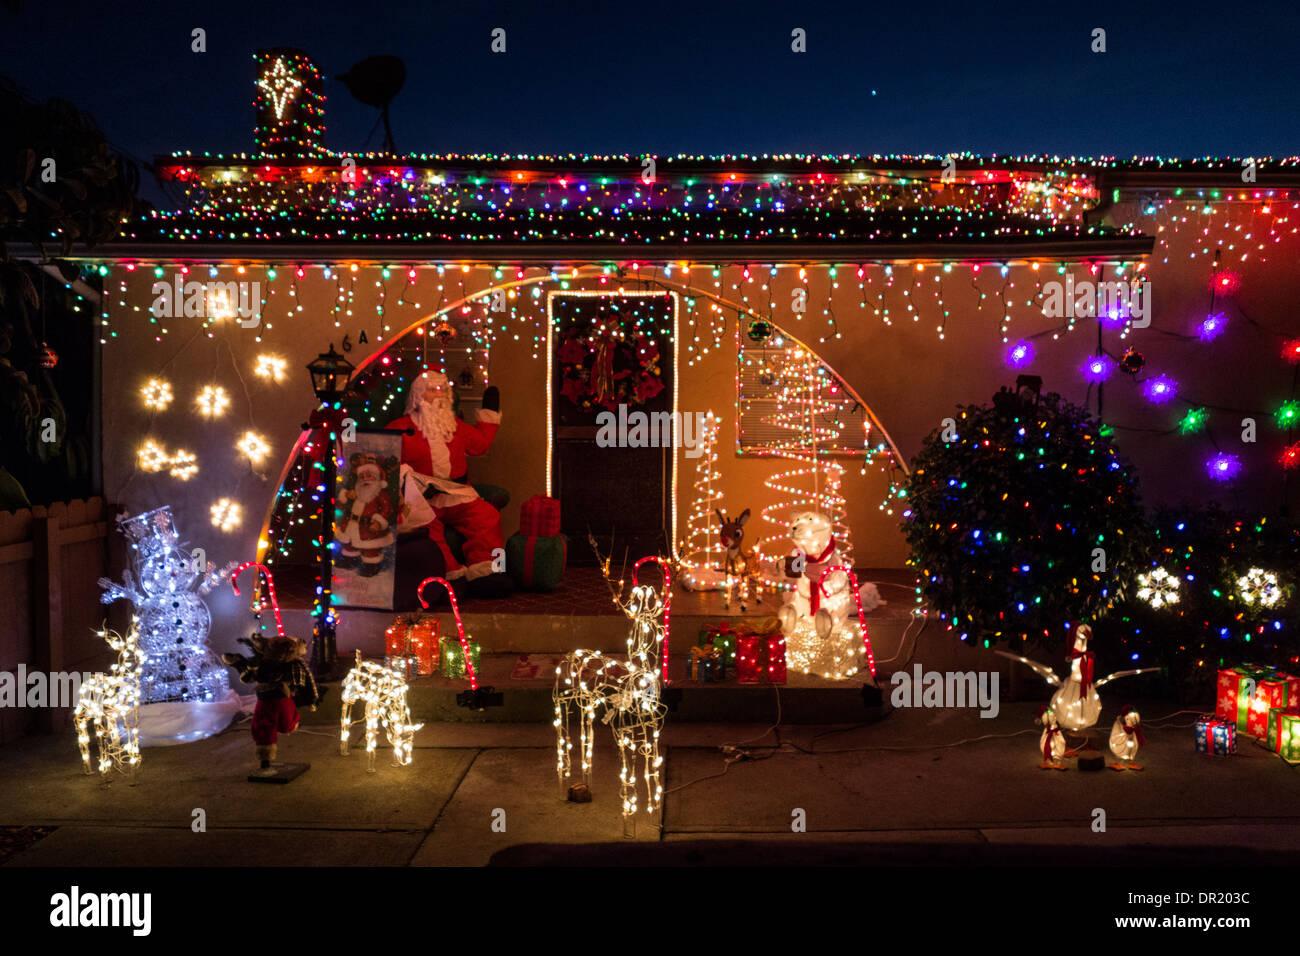 Immagini Natale Usa.Le Decorazioni Di Natale Sulla Piccola Casa Nella Citta Di Santa